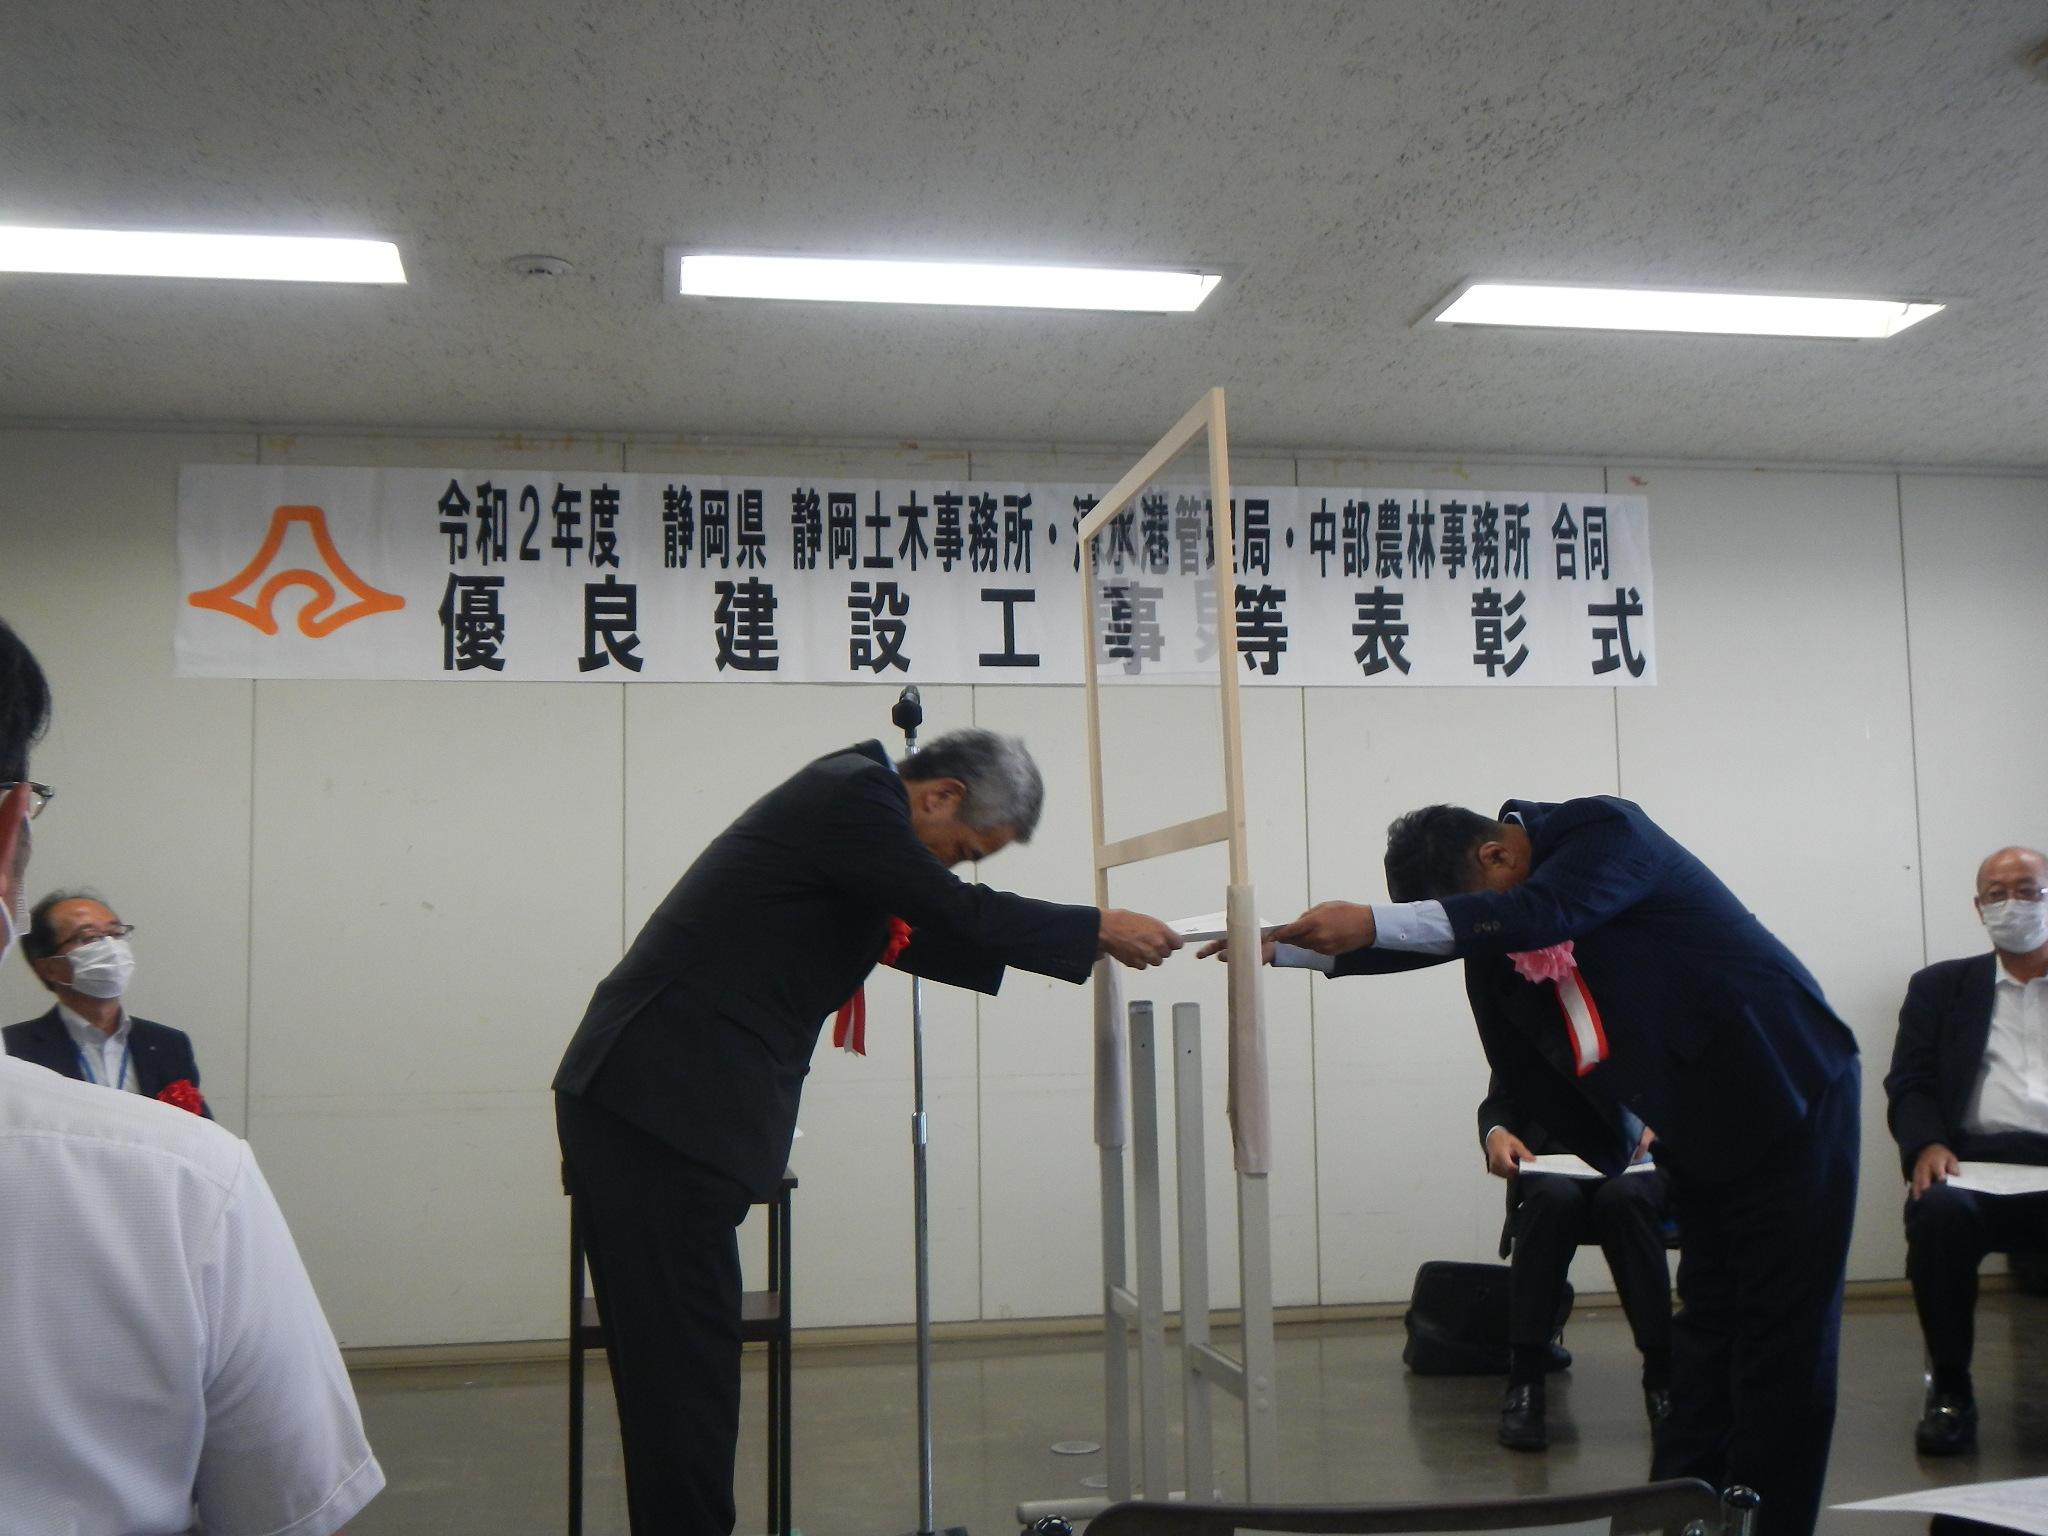 静岡県清水港管理局様より、優良技術者部門にて局長表彰をいただきました!